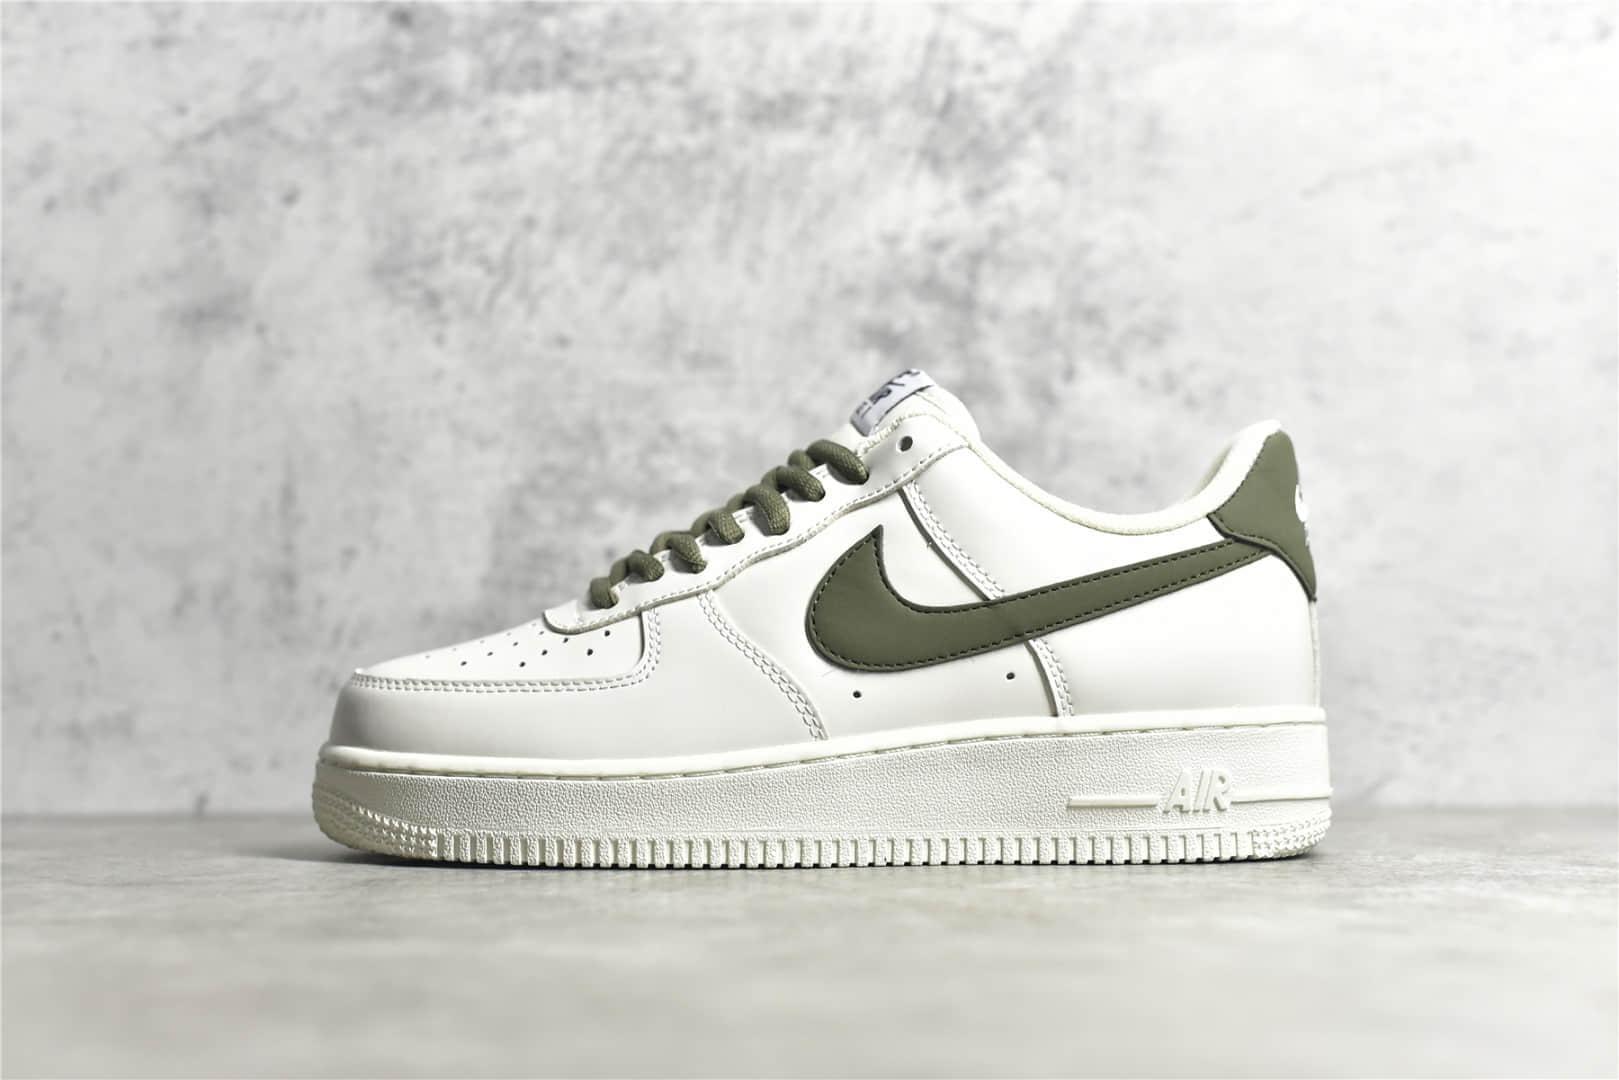 耐克空军米白绿低帮纯原版本 Nike Air Force 1 Low 07 米白绿 耐克空军原厂品质高端复刻 货号:CQ5059-110-潮流者之家